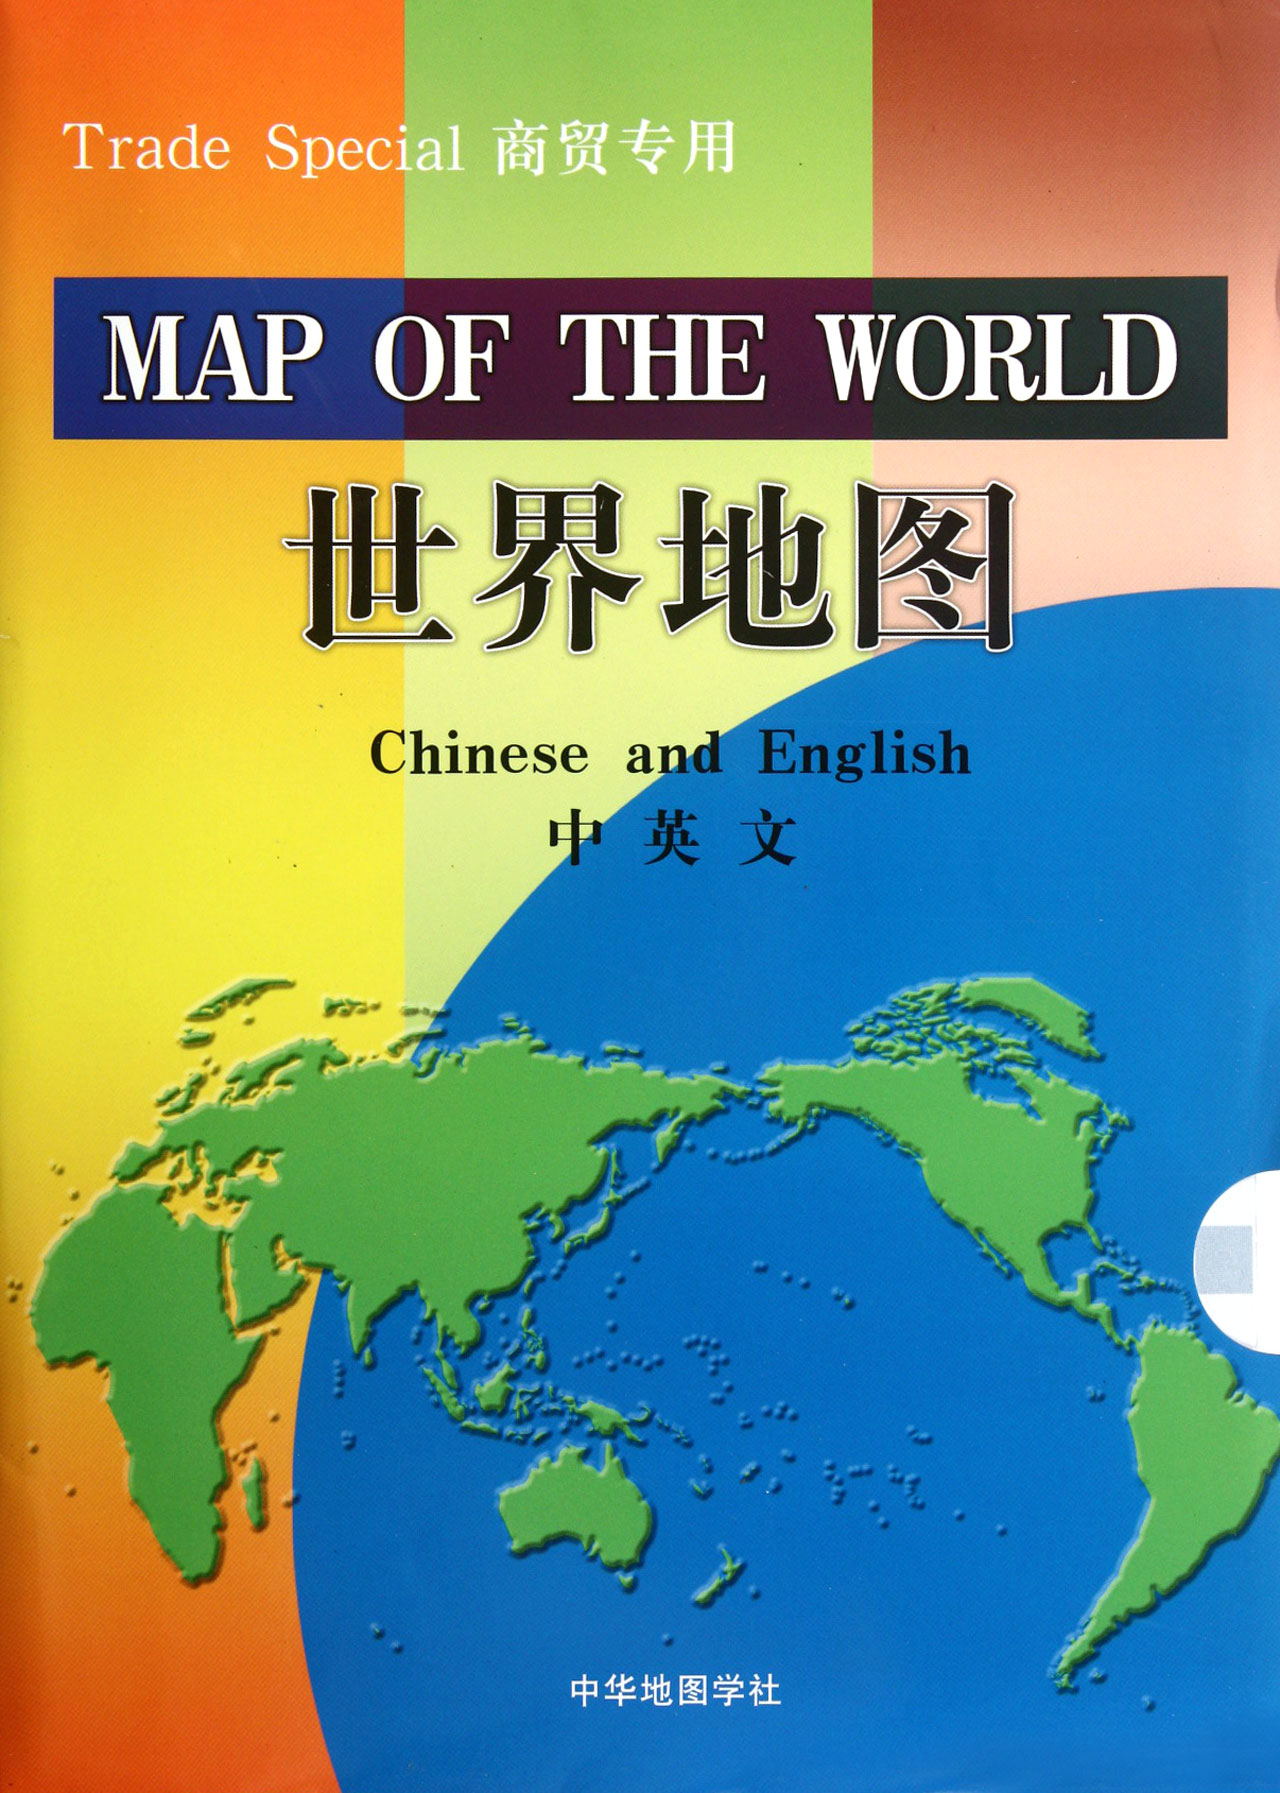 世界地图中英文商贸专用